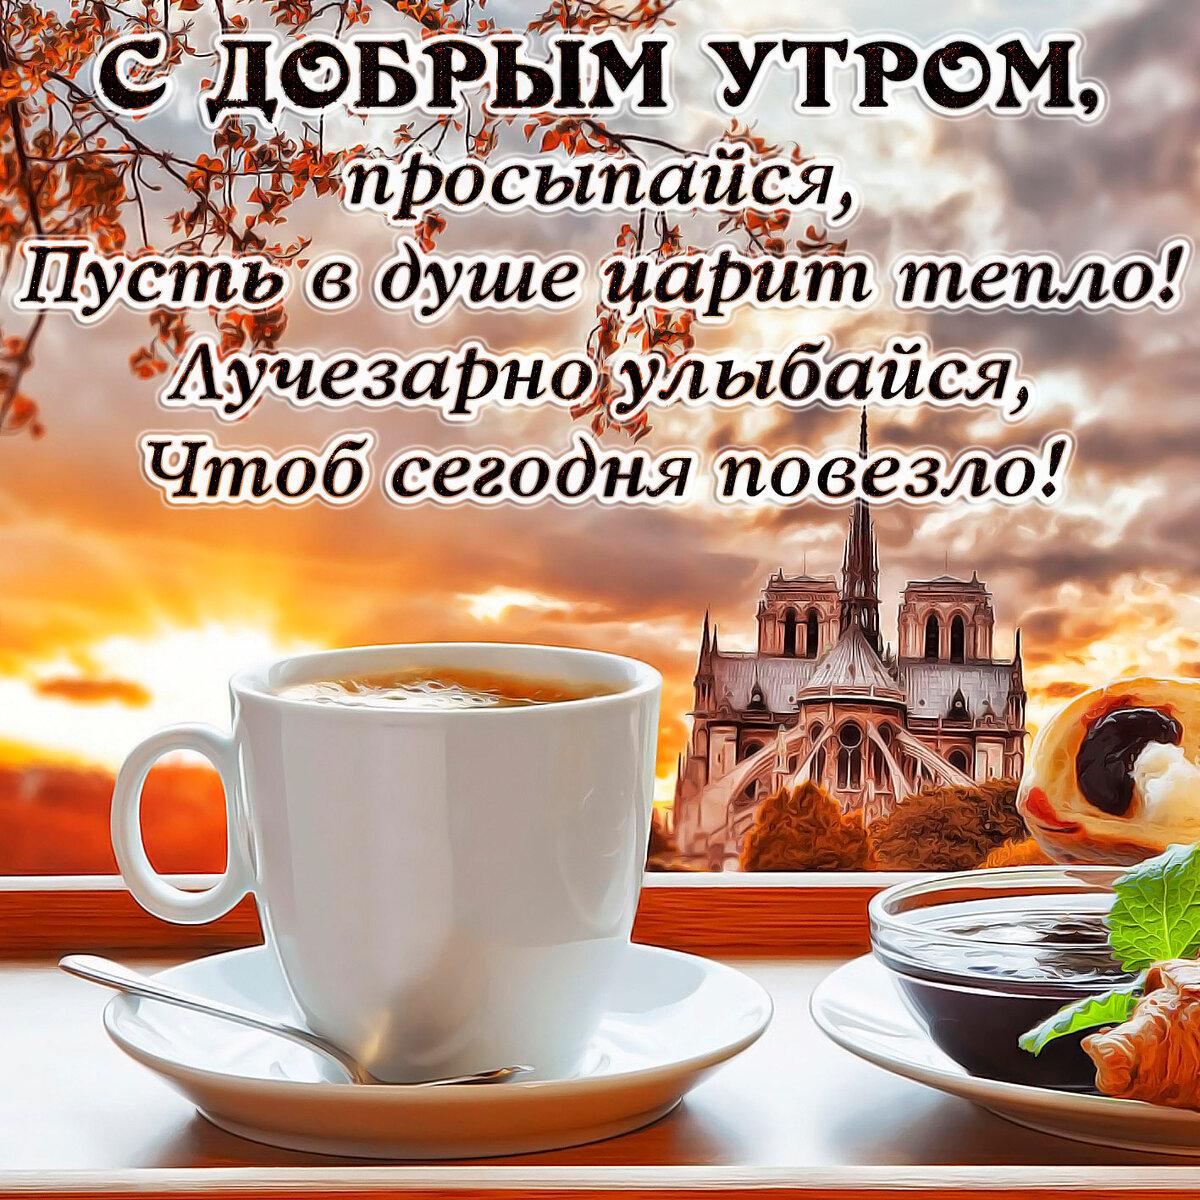 Поздравления с добрым утром картинки красивые для мужчины с пожеланиями